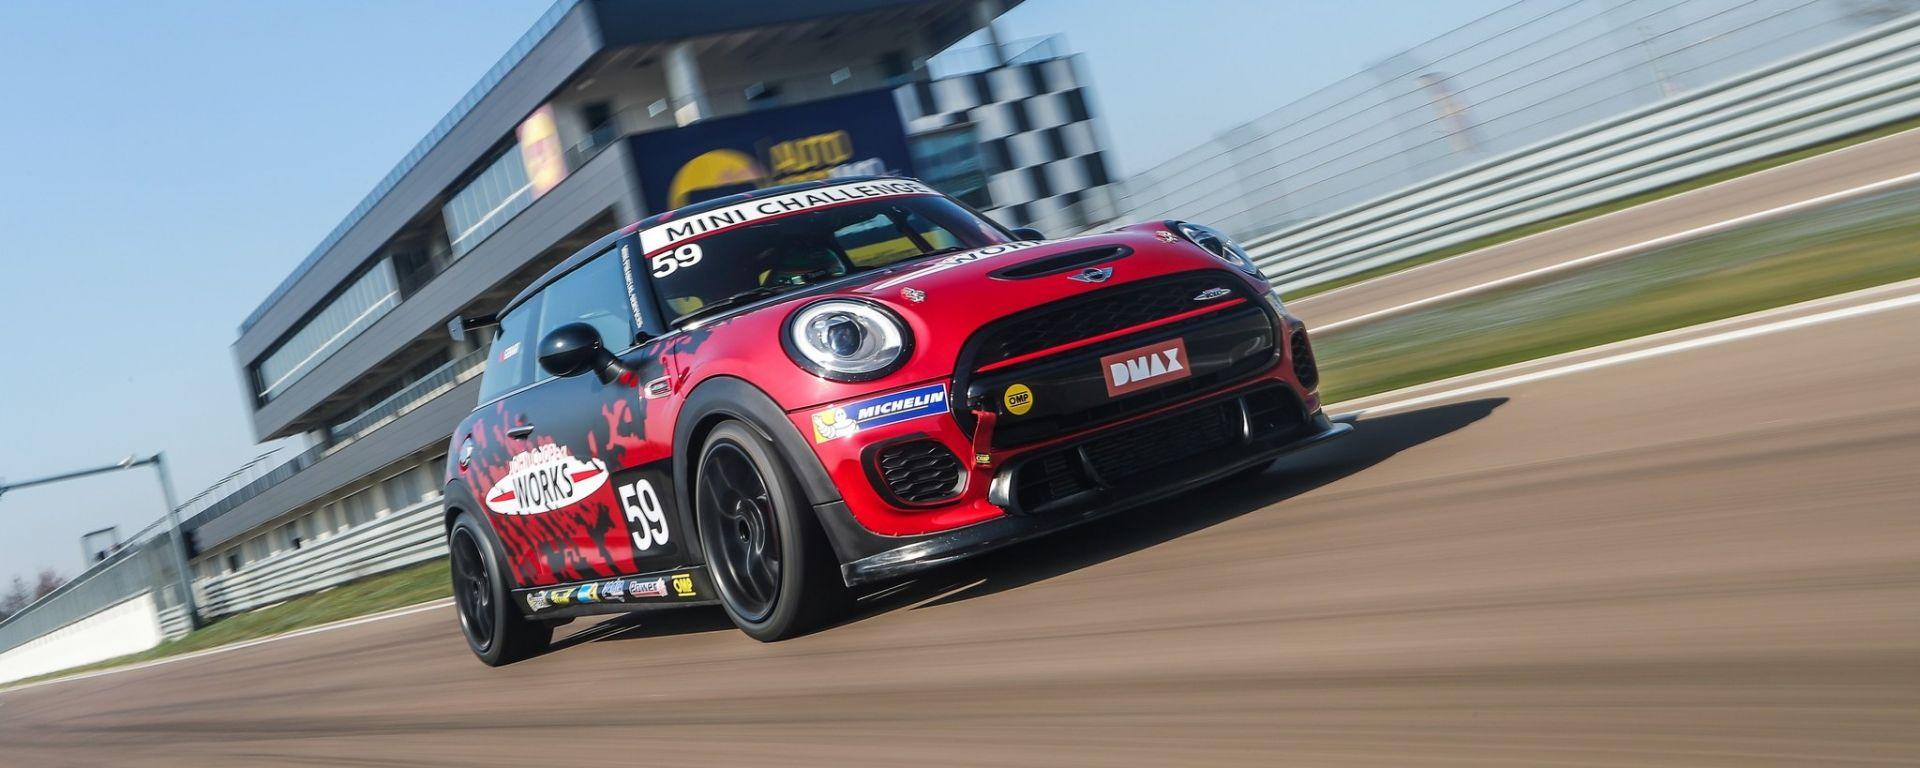 Il MINI Challenge 2018 scalda i motori per la prossima stagione